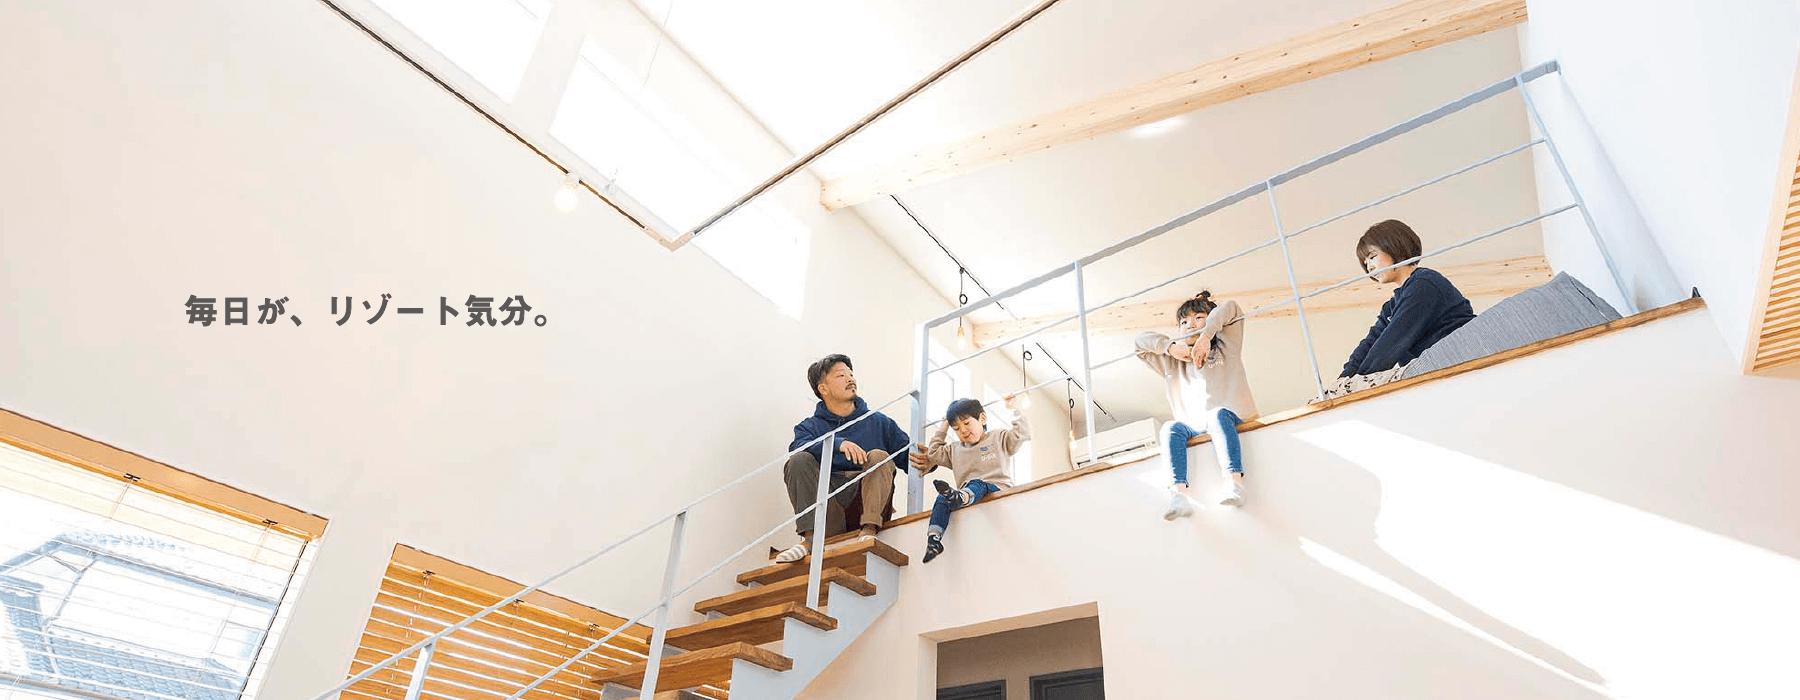 サーファーズハウス完成見学会開催|株式会社Kibaco